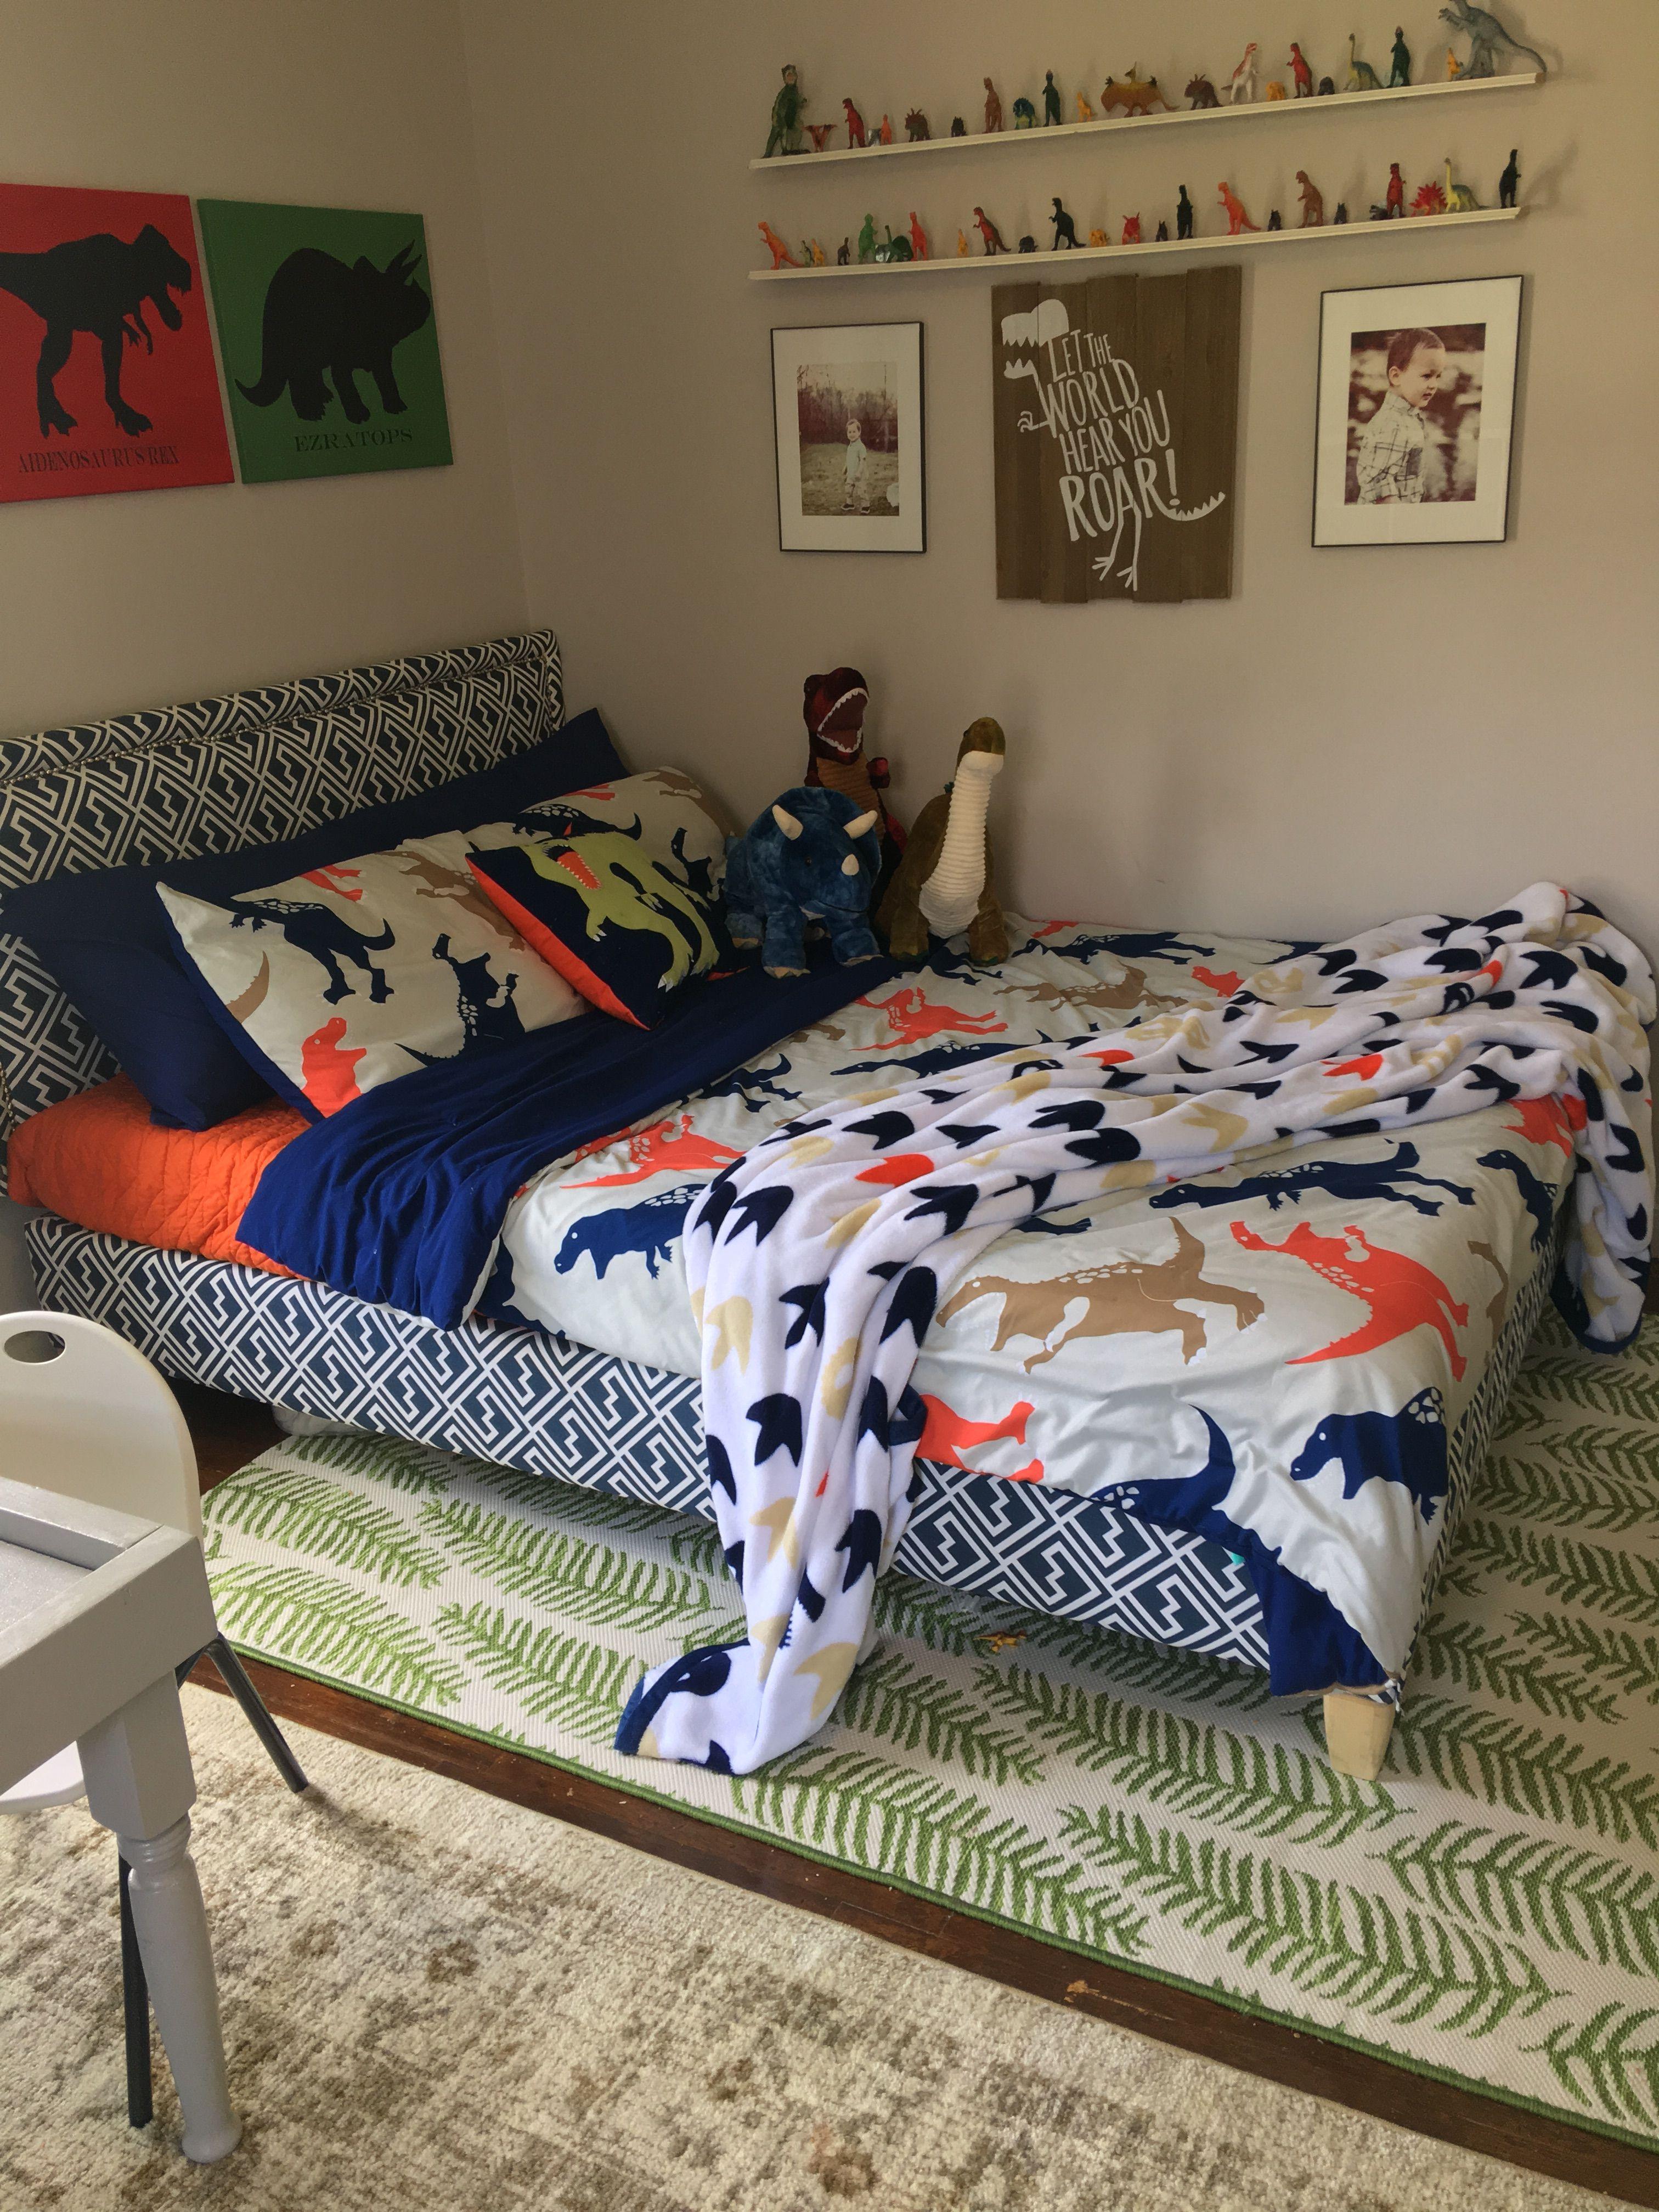 Pin De Tharielys Batista En Dinosaur Room Decorar Habitacion Ninos Dormitorios Habitacion Para Ninos Pequenos